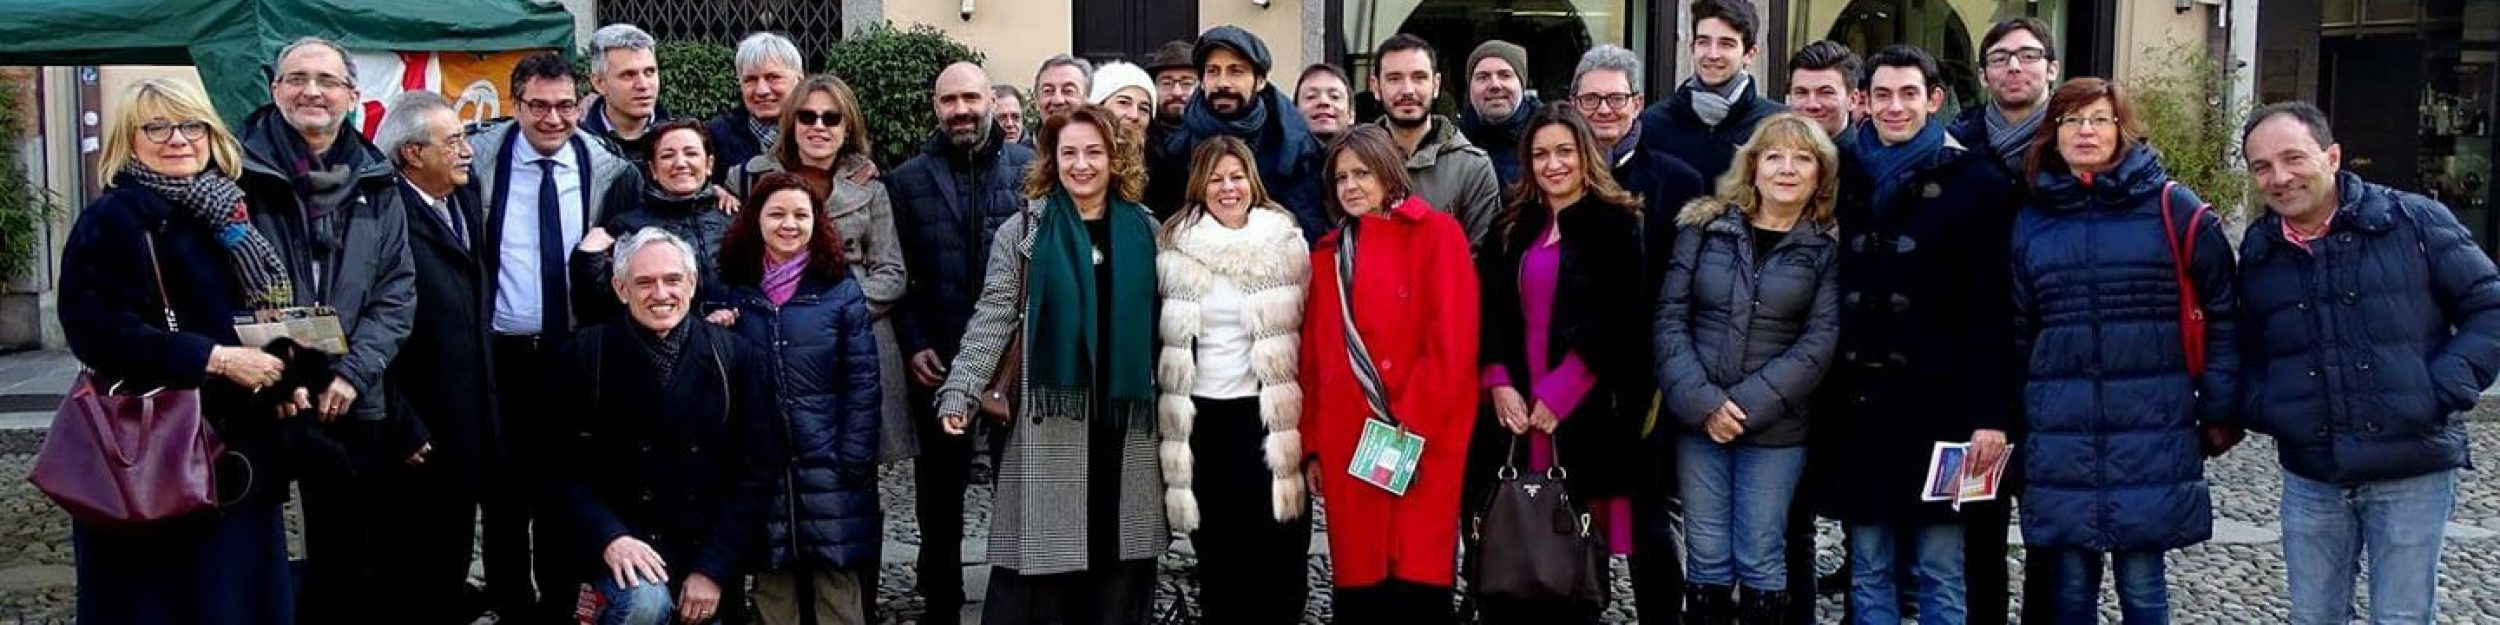 Partito Democratico Città di Pavia